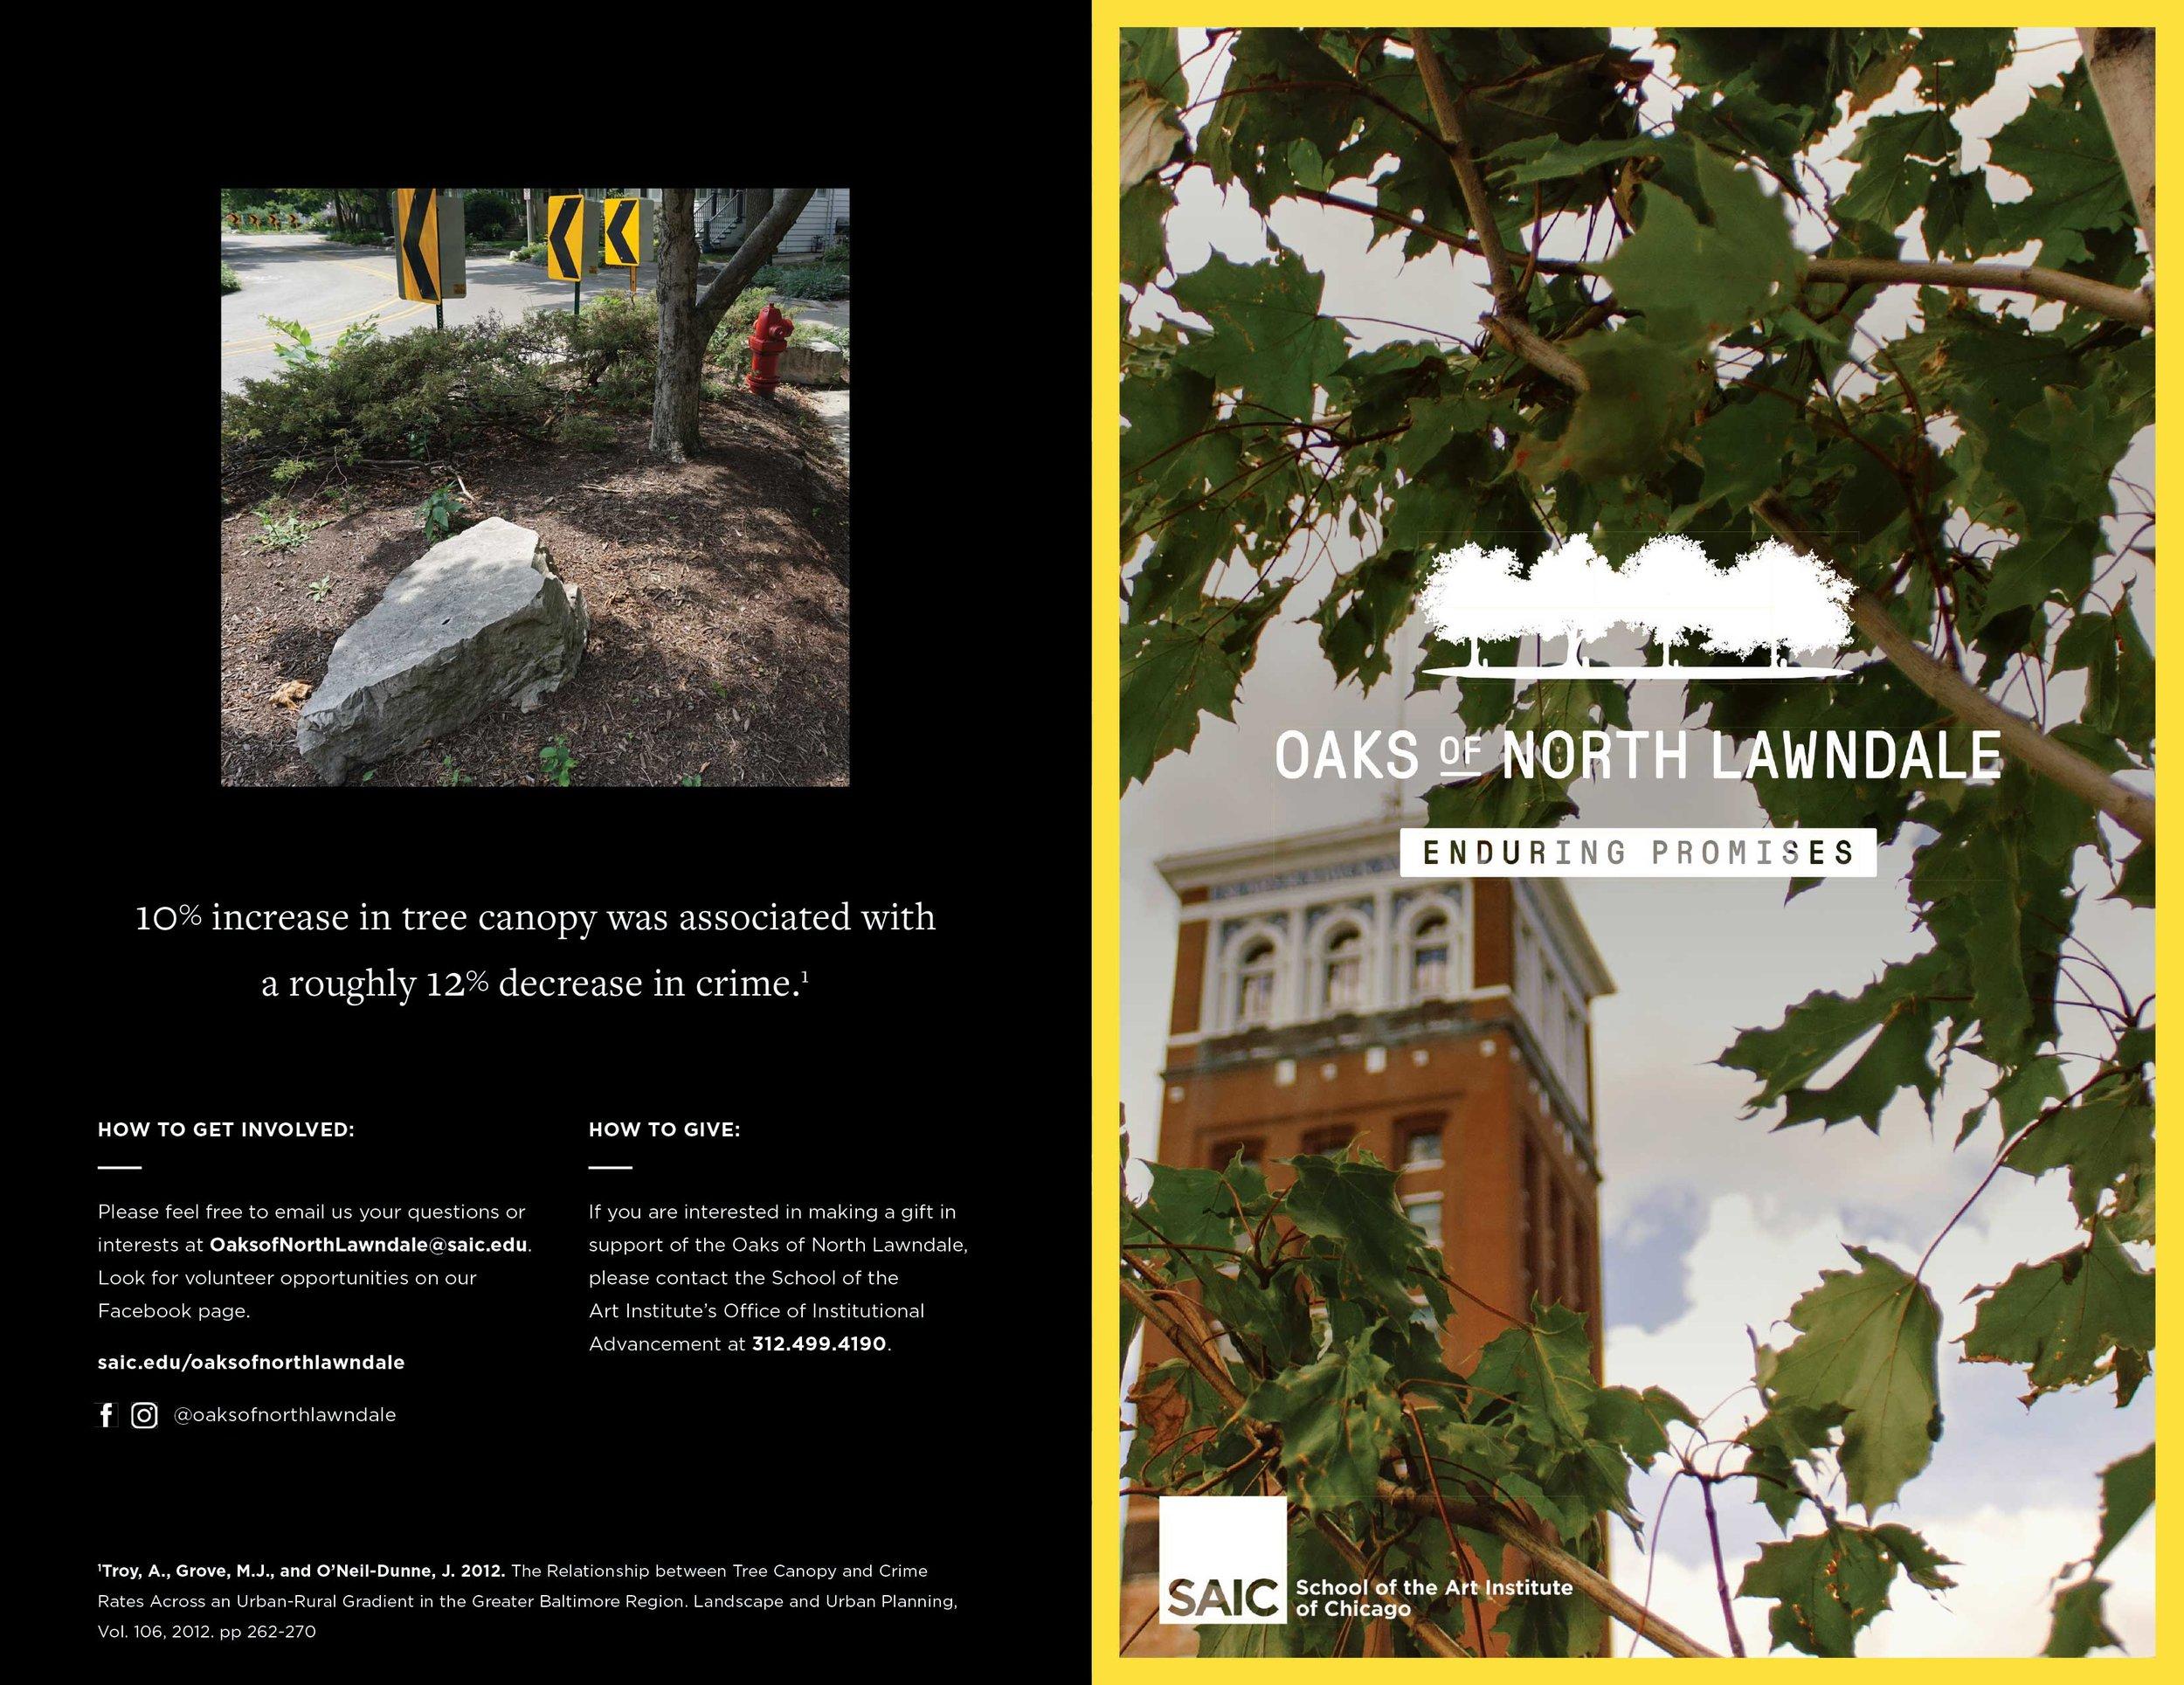 oaks-of-nl-brochure-v4-1.jpg